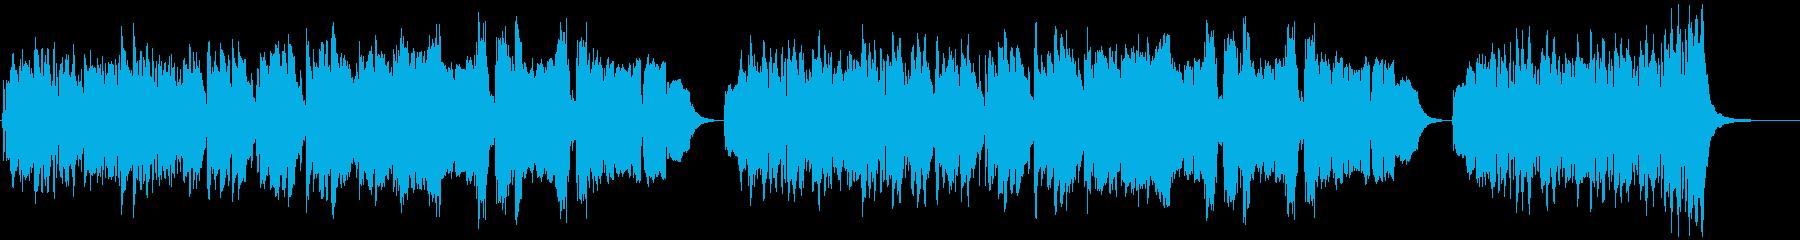 ミュージカル風、哀しげなハロウィンBGMの再生済みの波形